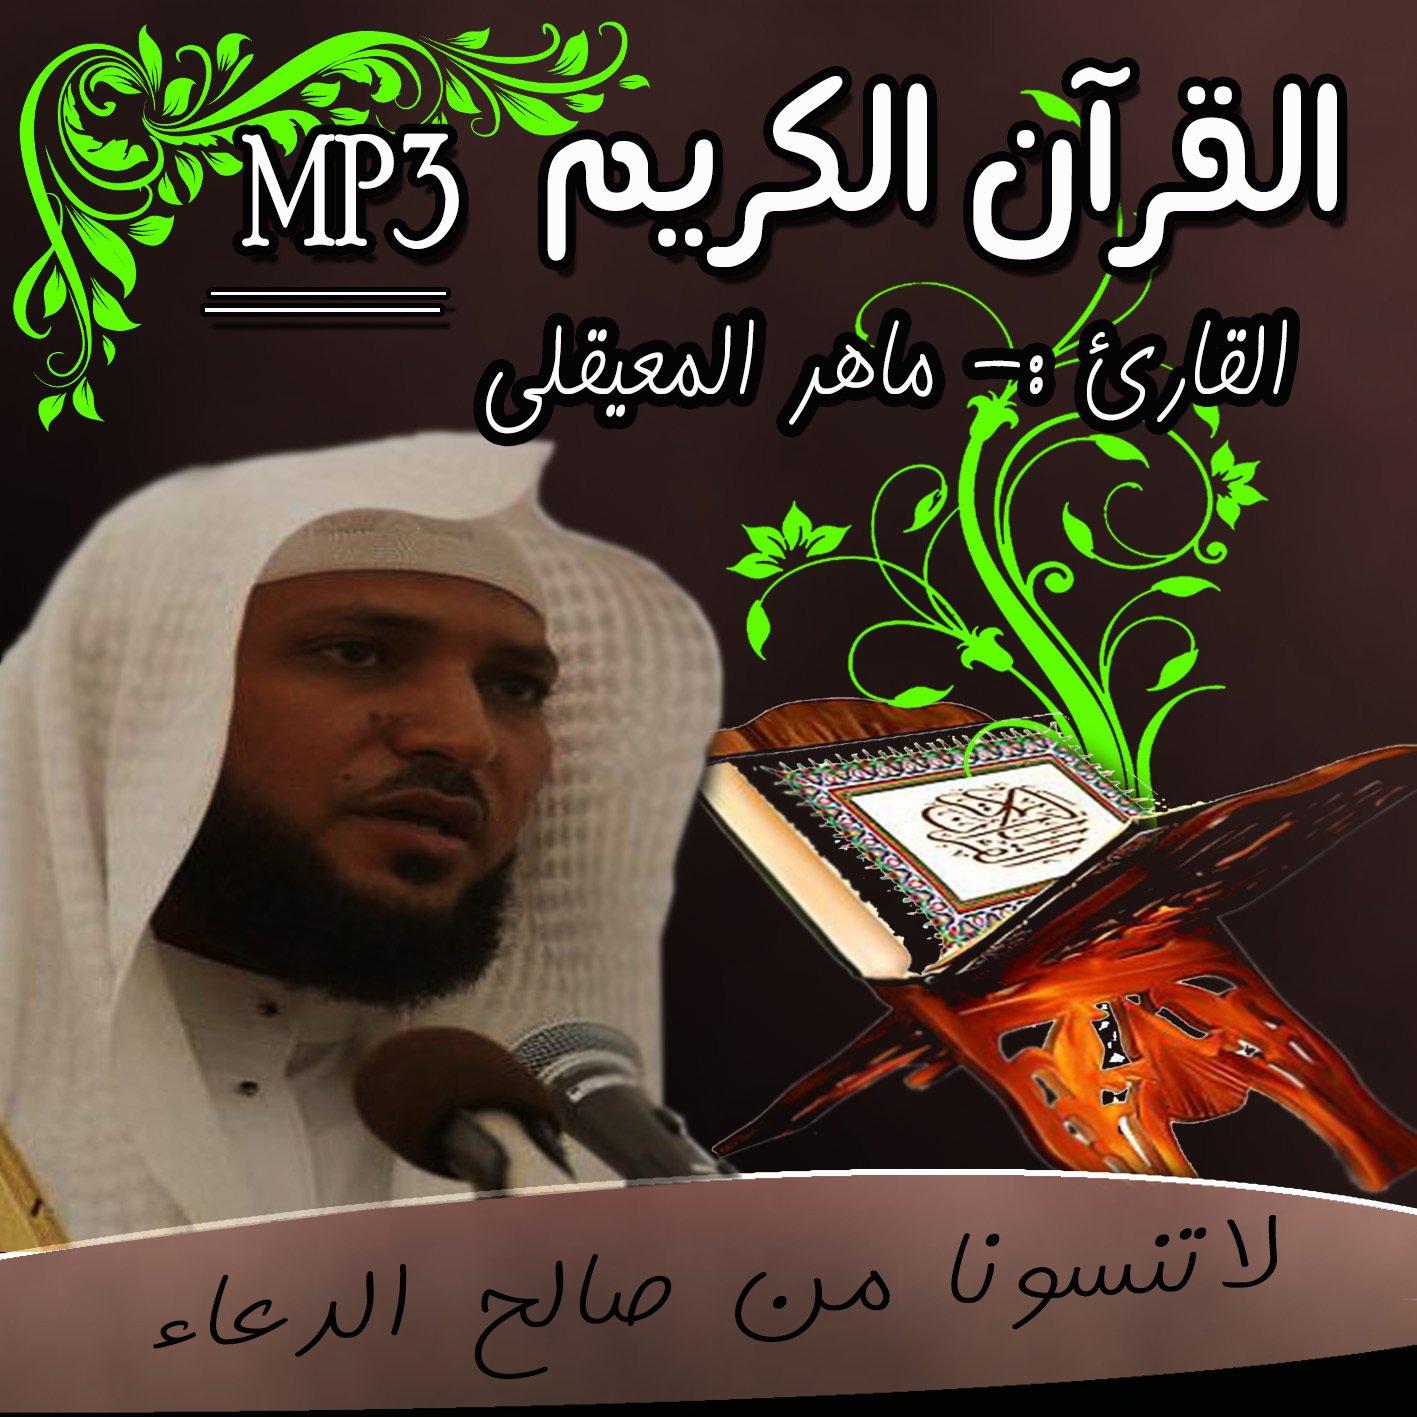 تحميل مجاني قرآن كريم mp3